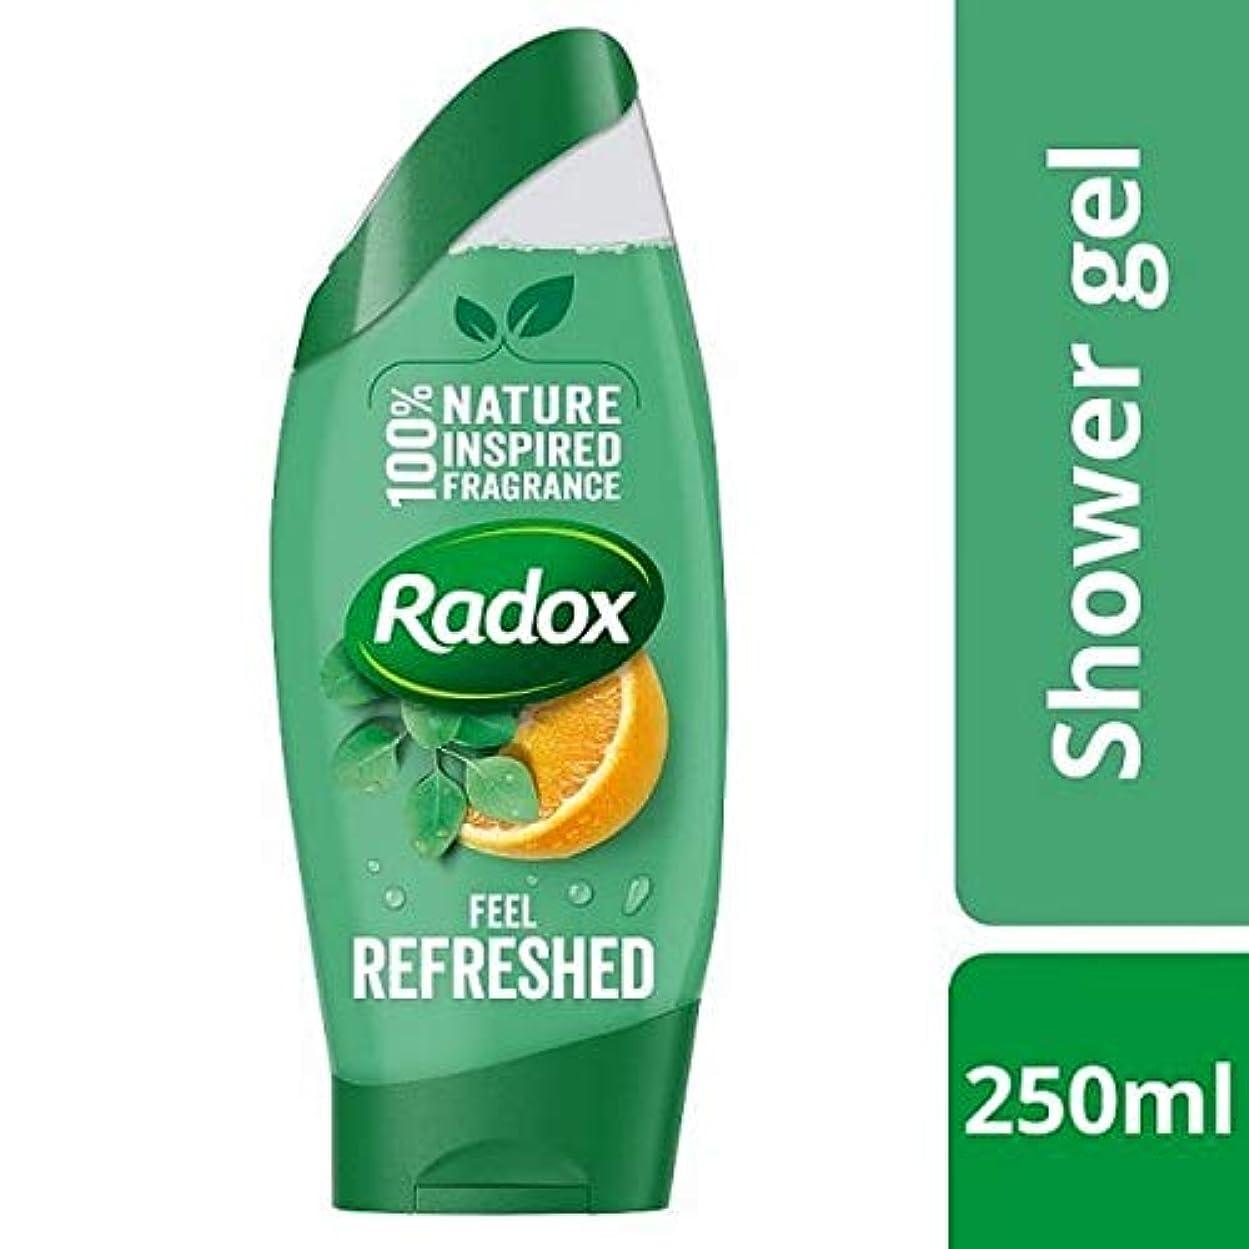 シリアル受粉するアルコーブ[Radox] Radoxが更新ユーカリ&シトラスシャワージェル250ミリリットルを感じます - Radox Feel Refreshed Eucalyptus & Citrus Shower Gel 250ml [並行輸入品]